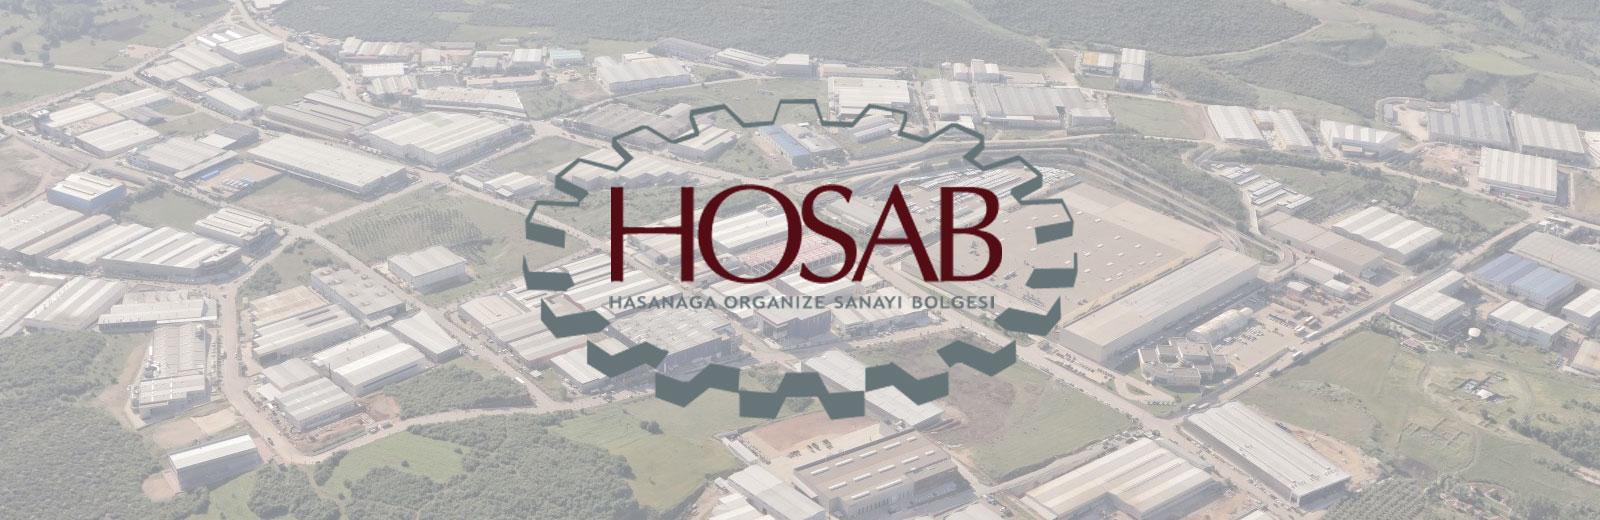 HOSAB